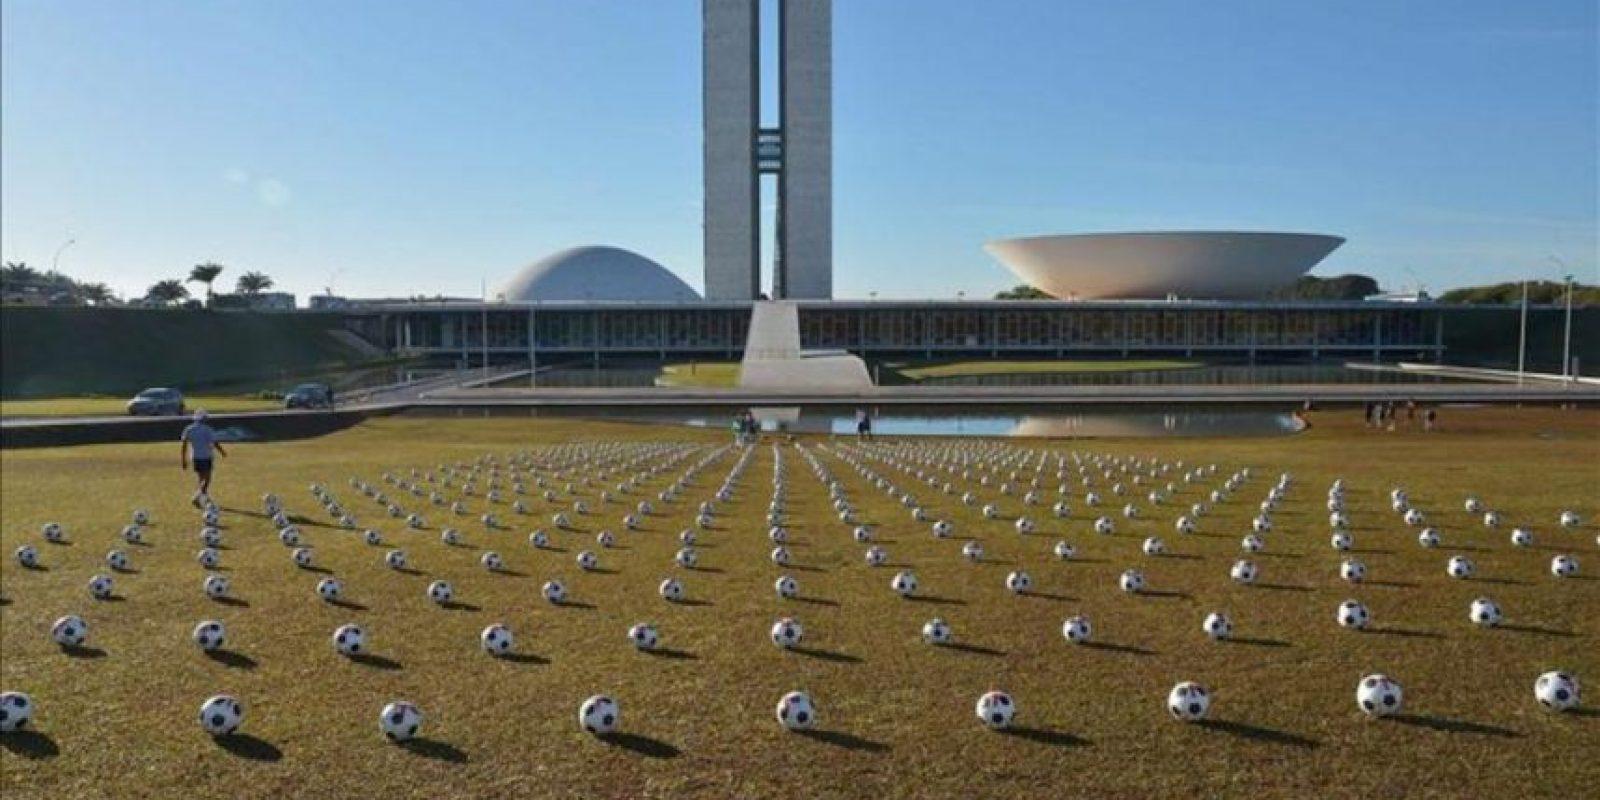 """Fotografía cedida por la Agencia Brasil el 26 de junio de 2013, que muestra cientos de balones de fútbol, que fueron """"sembrados"""" por la organización Río de Paz en el jardín del Congreso, en Brasilia (Brasil), para exigirles a cada uno de los legisladores que """"asuman su responsabilidad"""" ante la sociedad. EFE"""